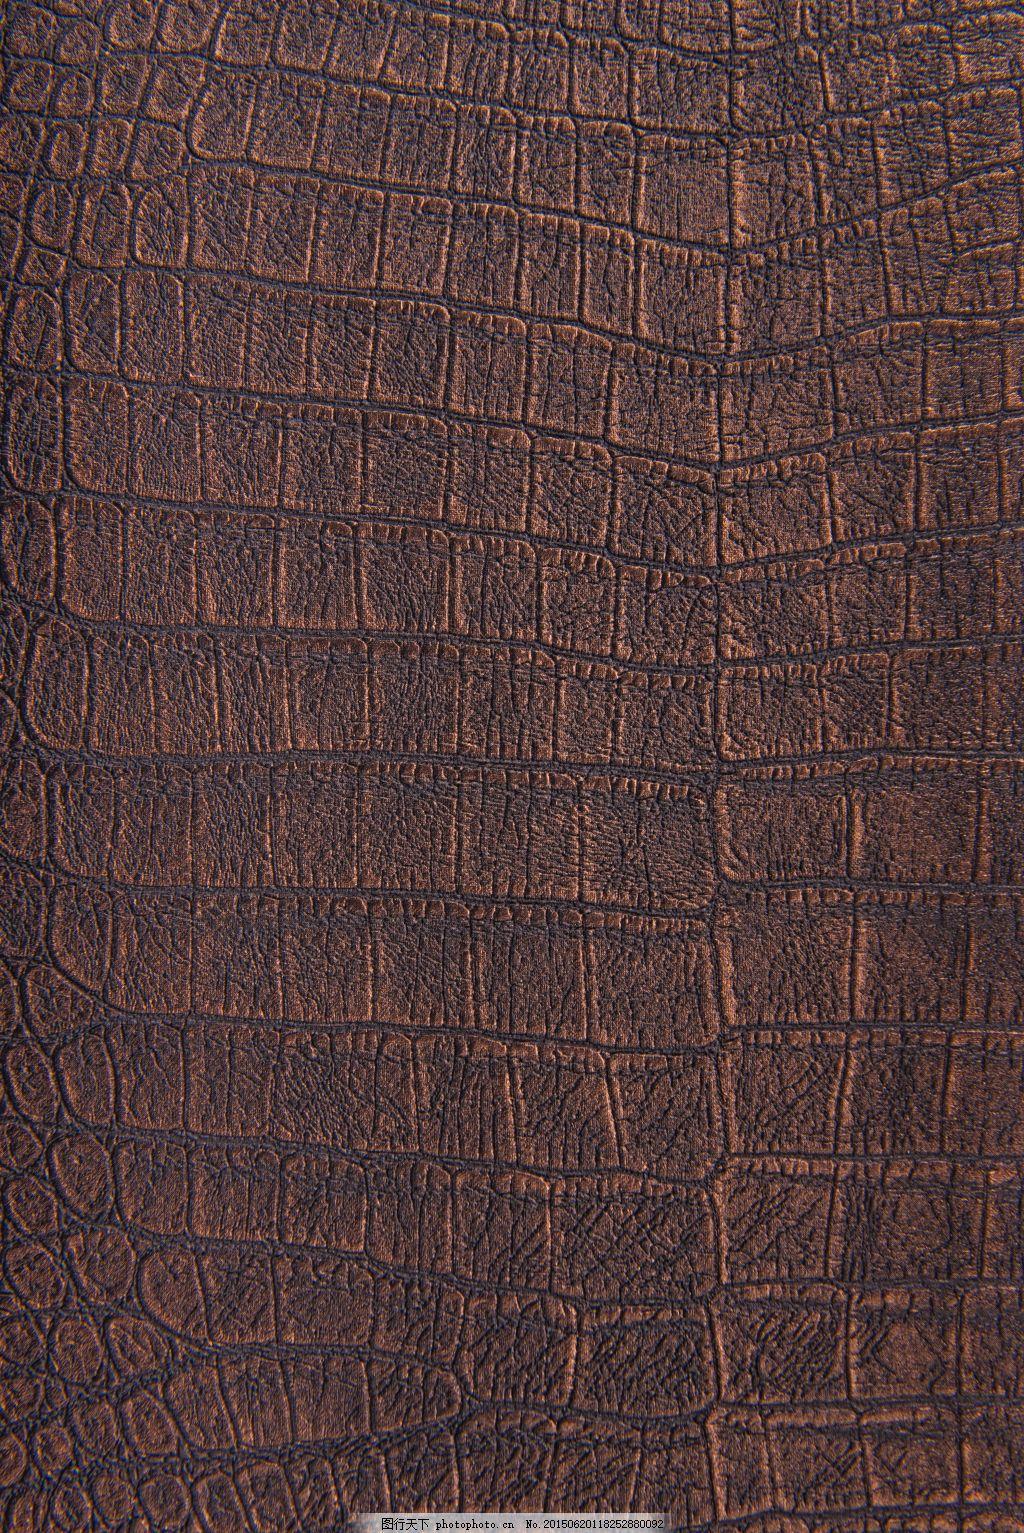 皮革纹理背景 动物毛皮 磨砂皮革 真皮 皮质背景 皮质纹理 皮革材质